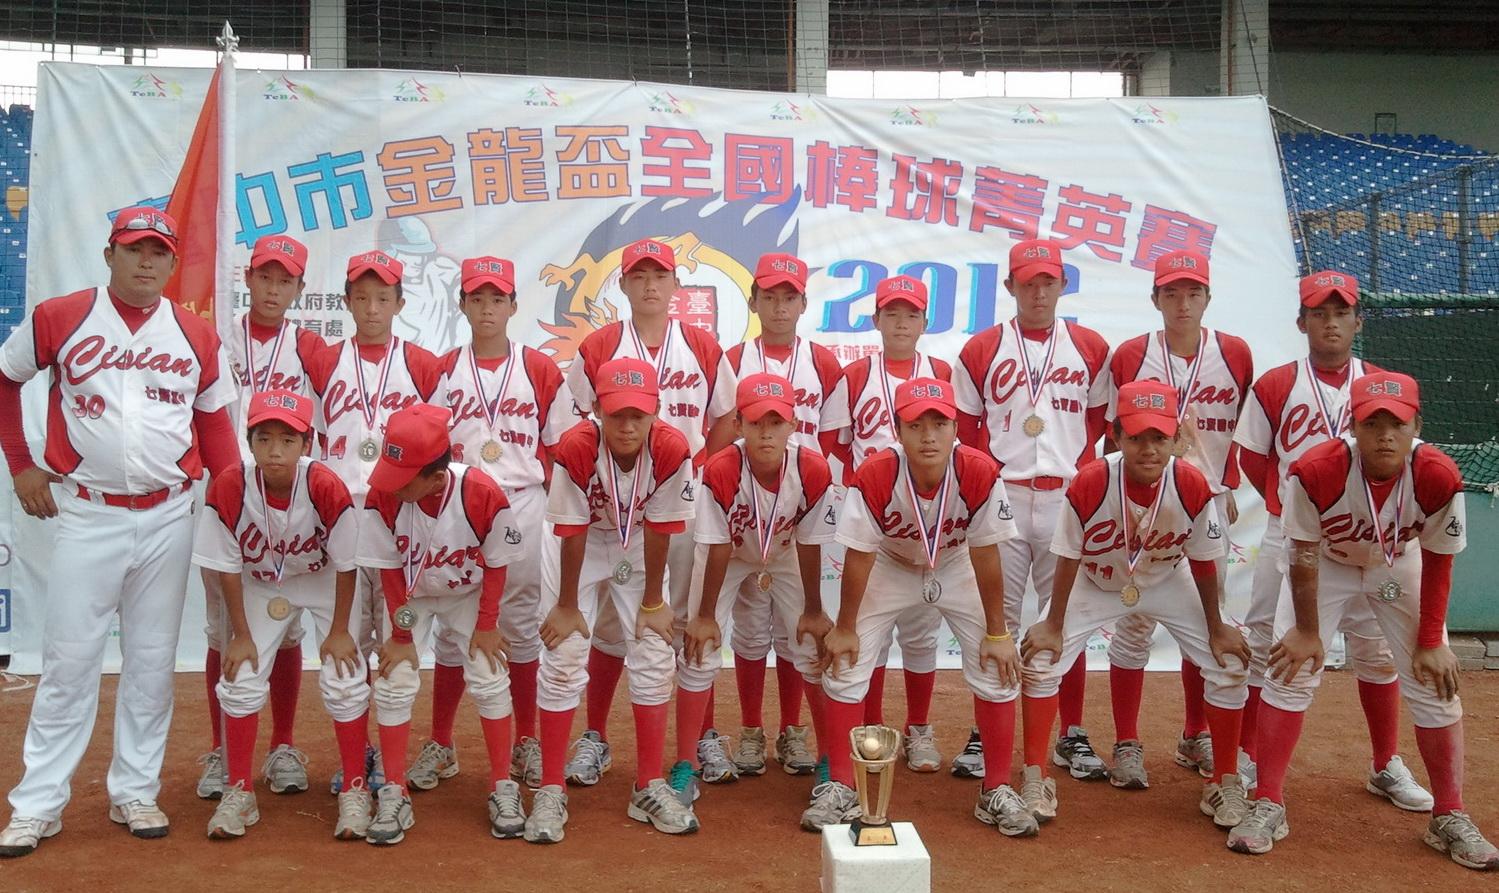 七賢棒球成軍2年全國決賽初體驗